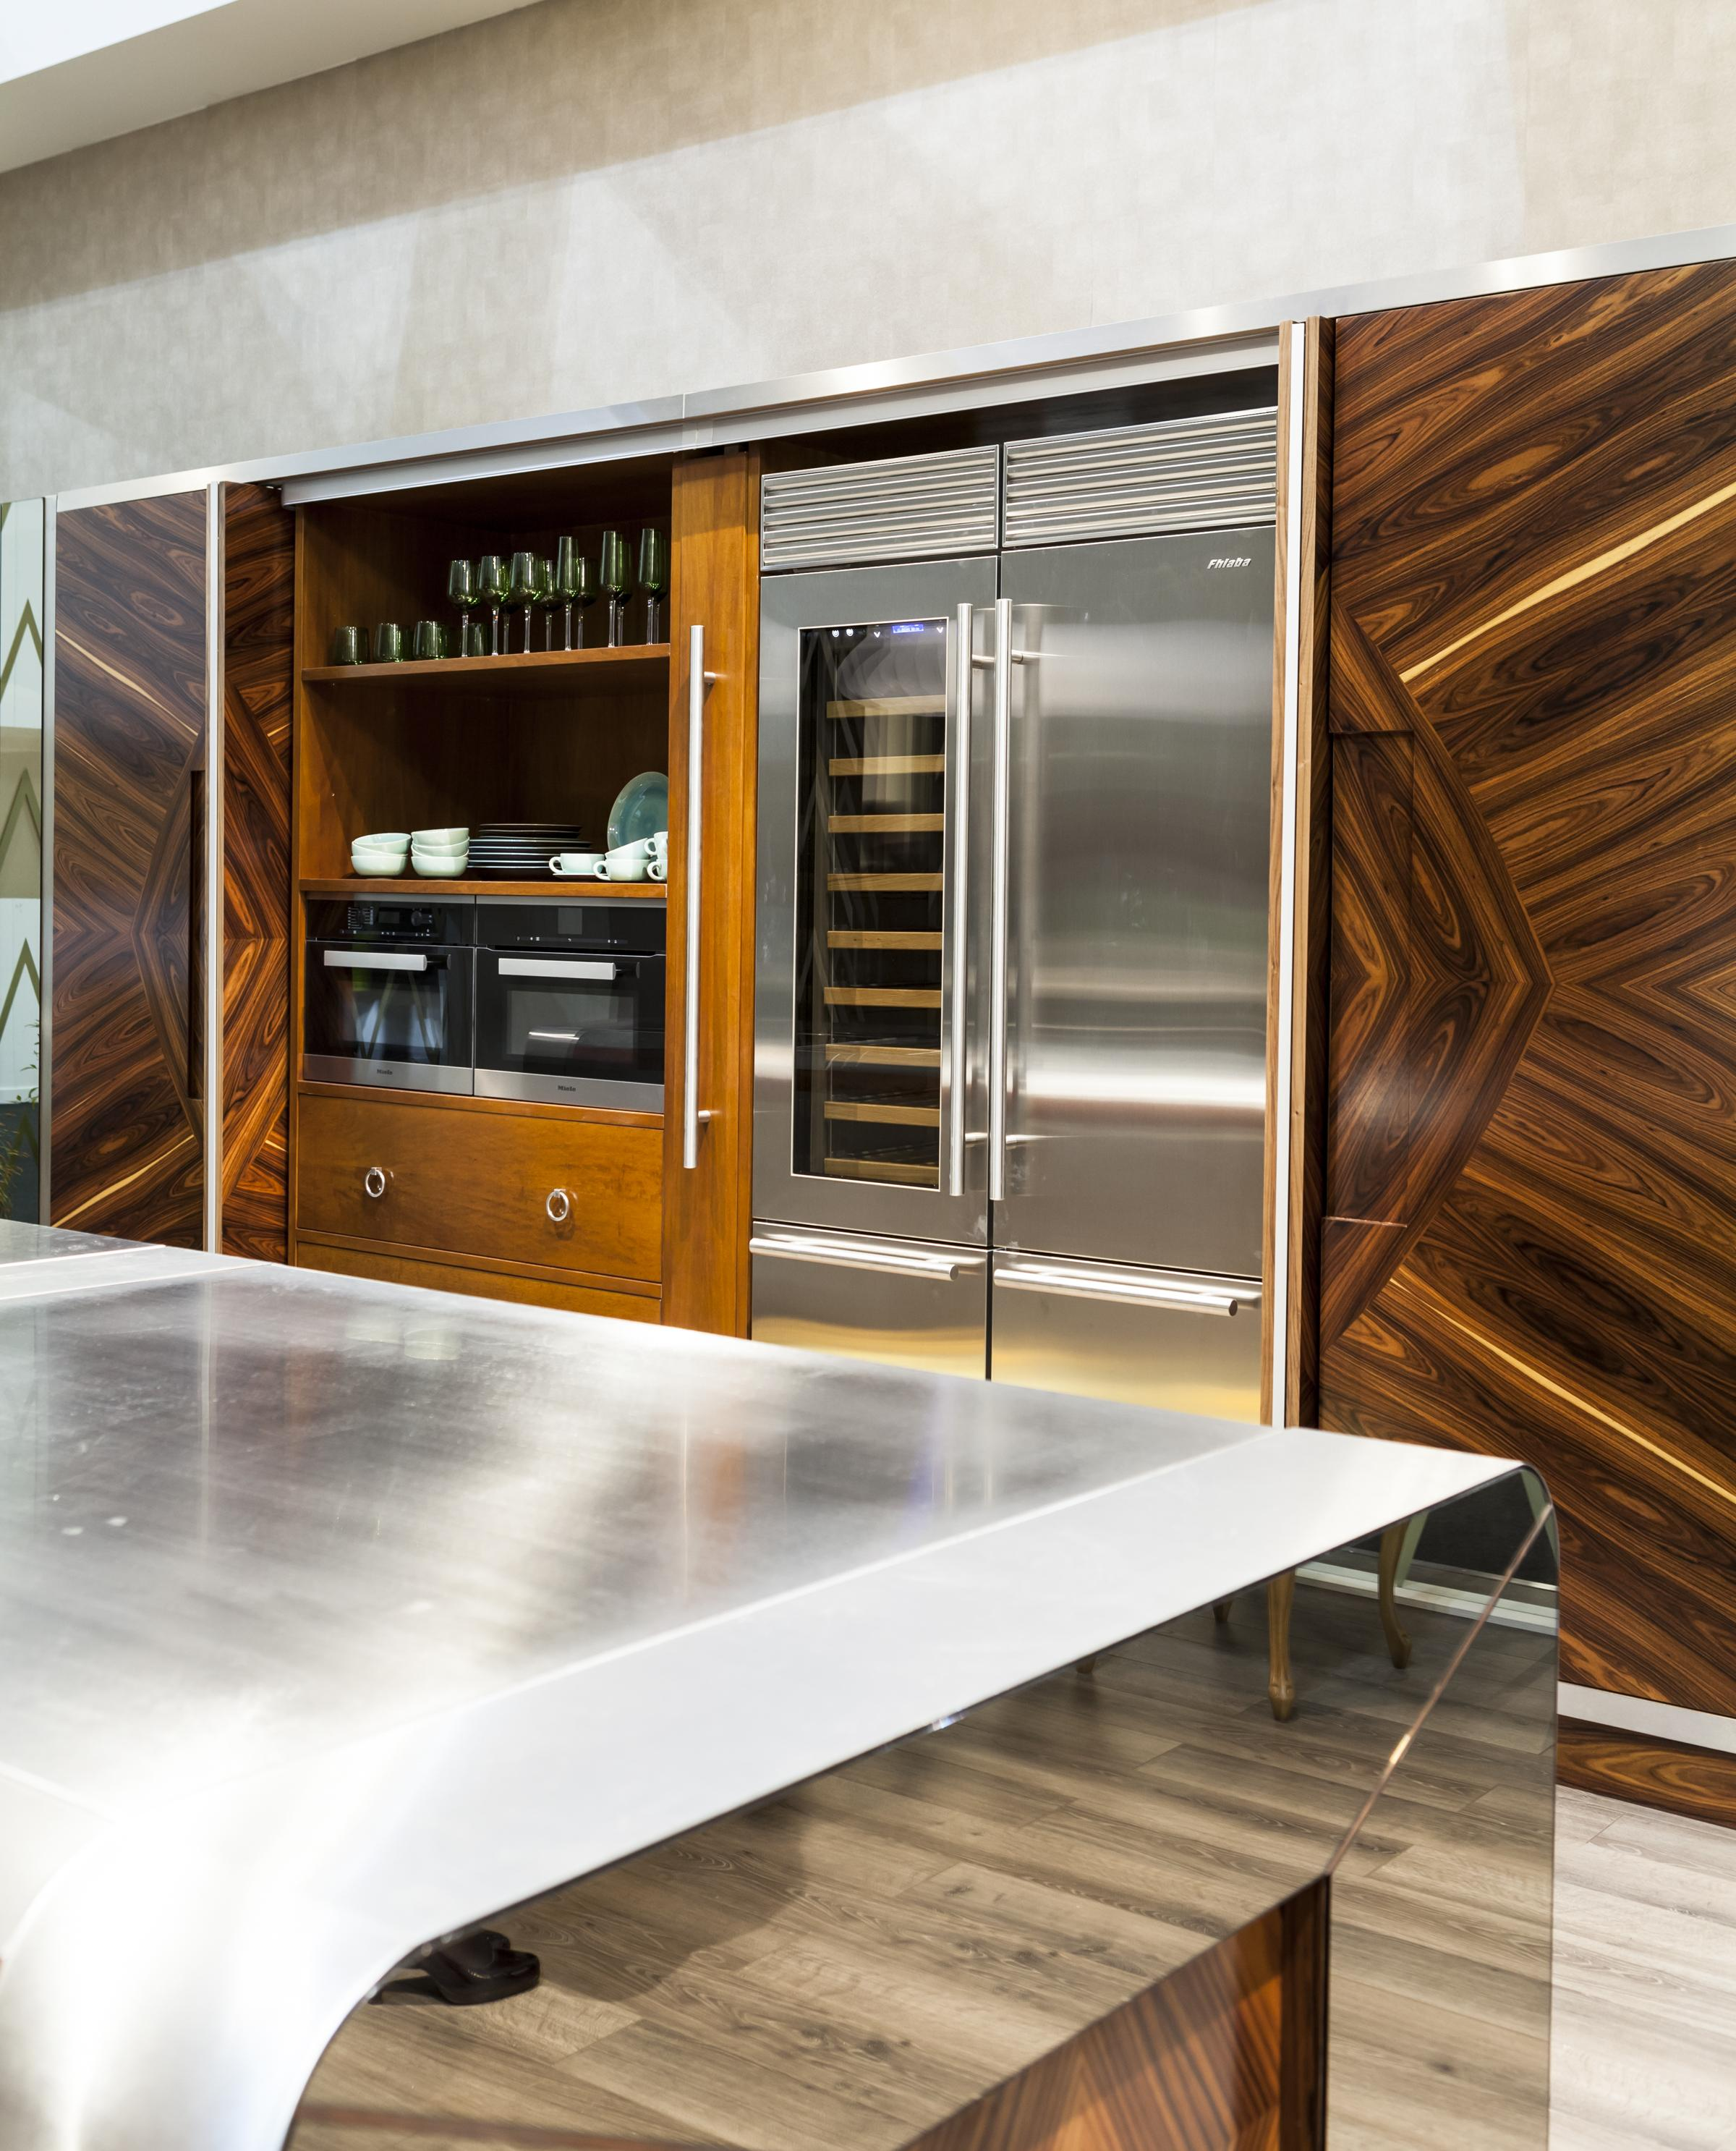 Расположение двустворчатого холодильника на кухне